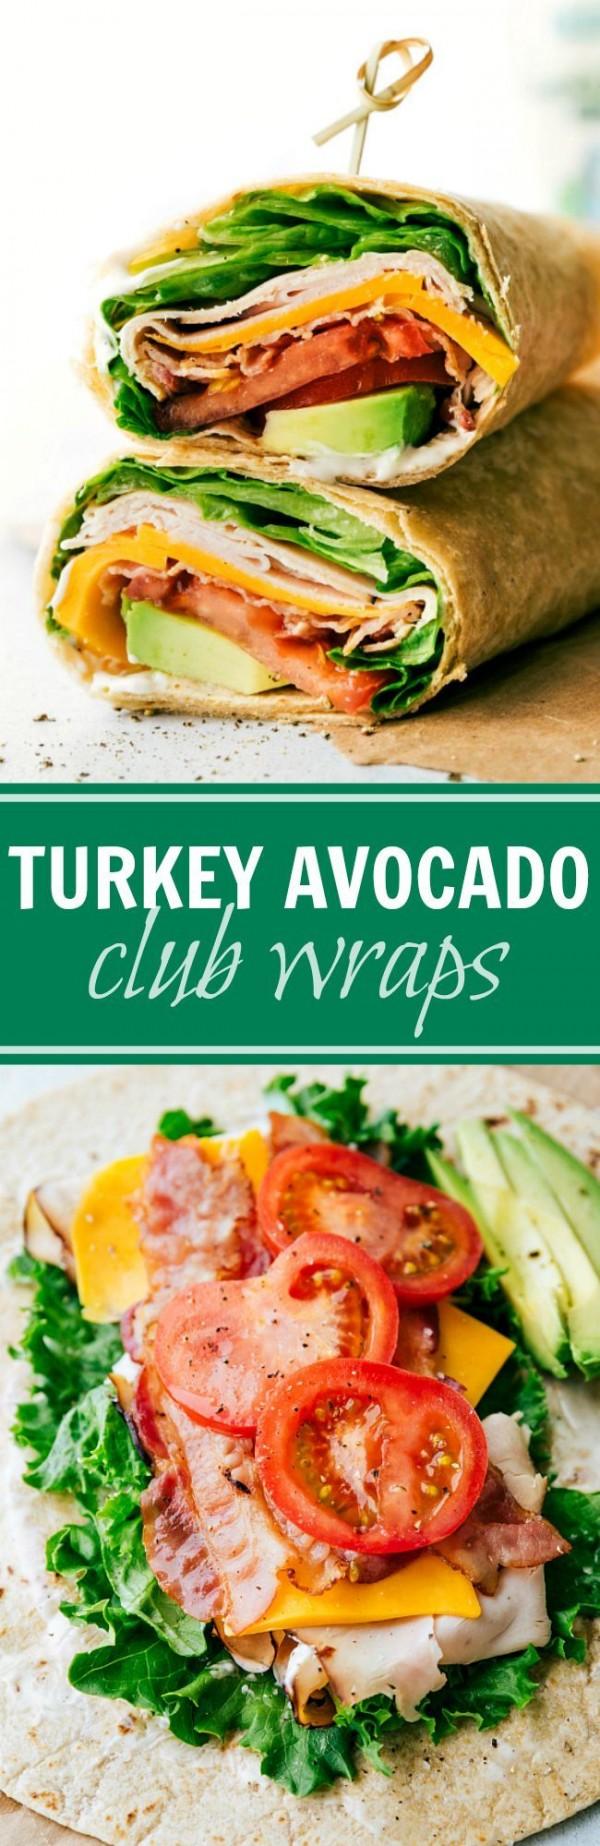 Get the recipe Turkey Avocado Club Wraps @recipes_to_go